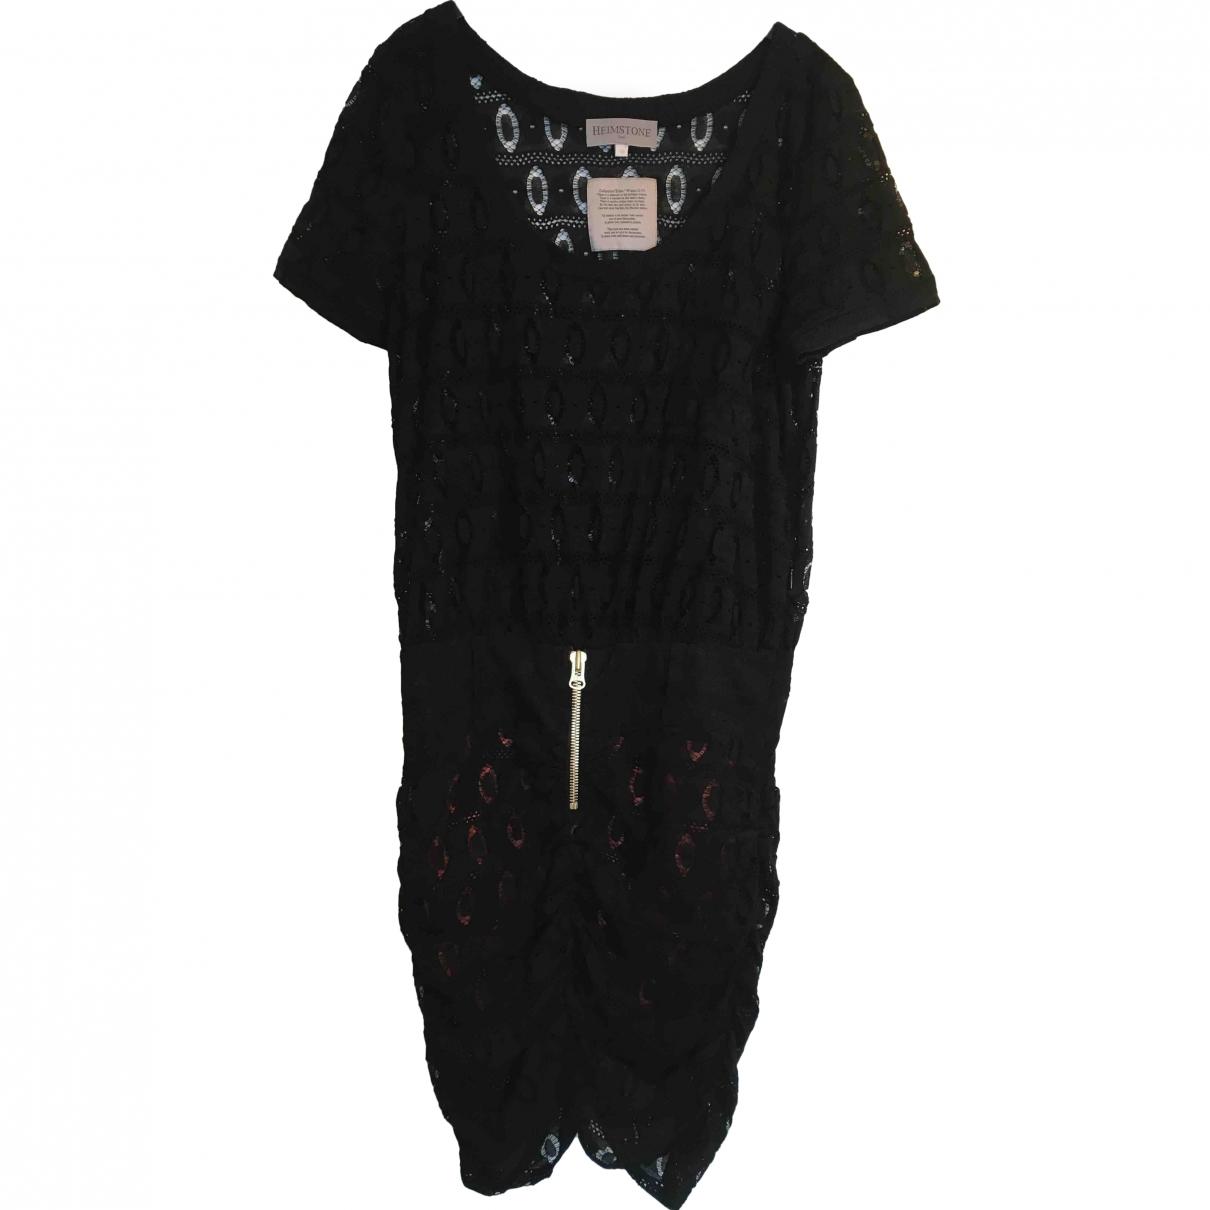 Heimstone \N Black Lace dress for Women 38 FR